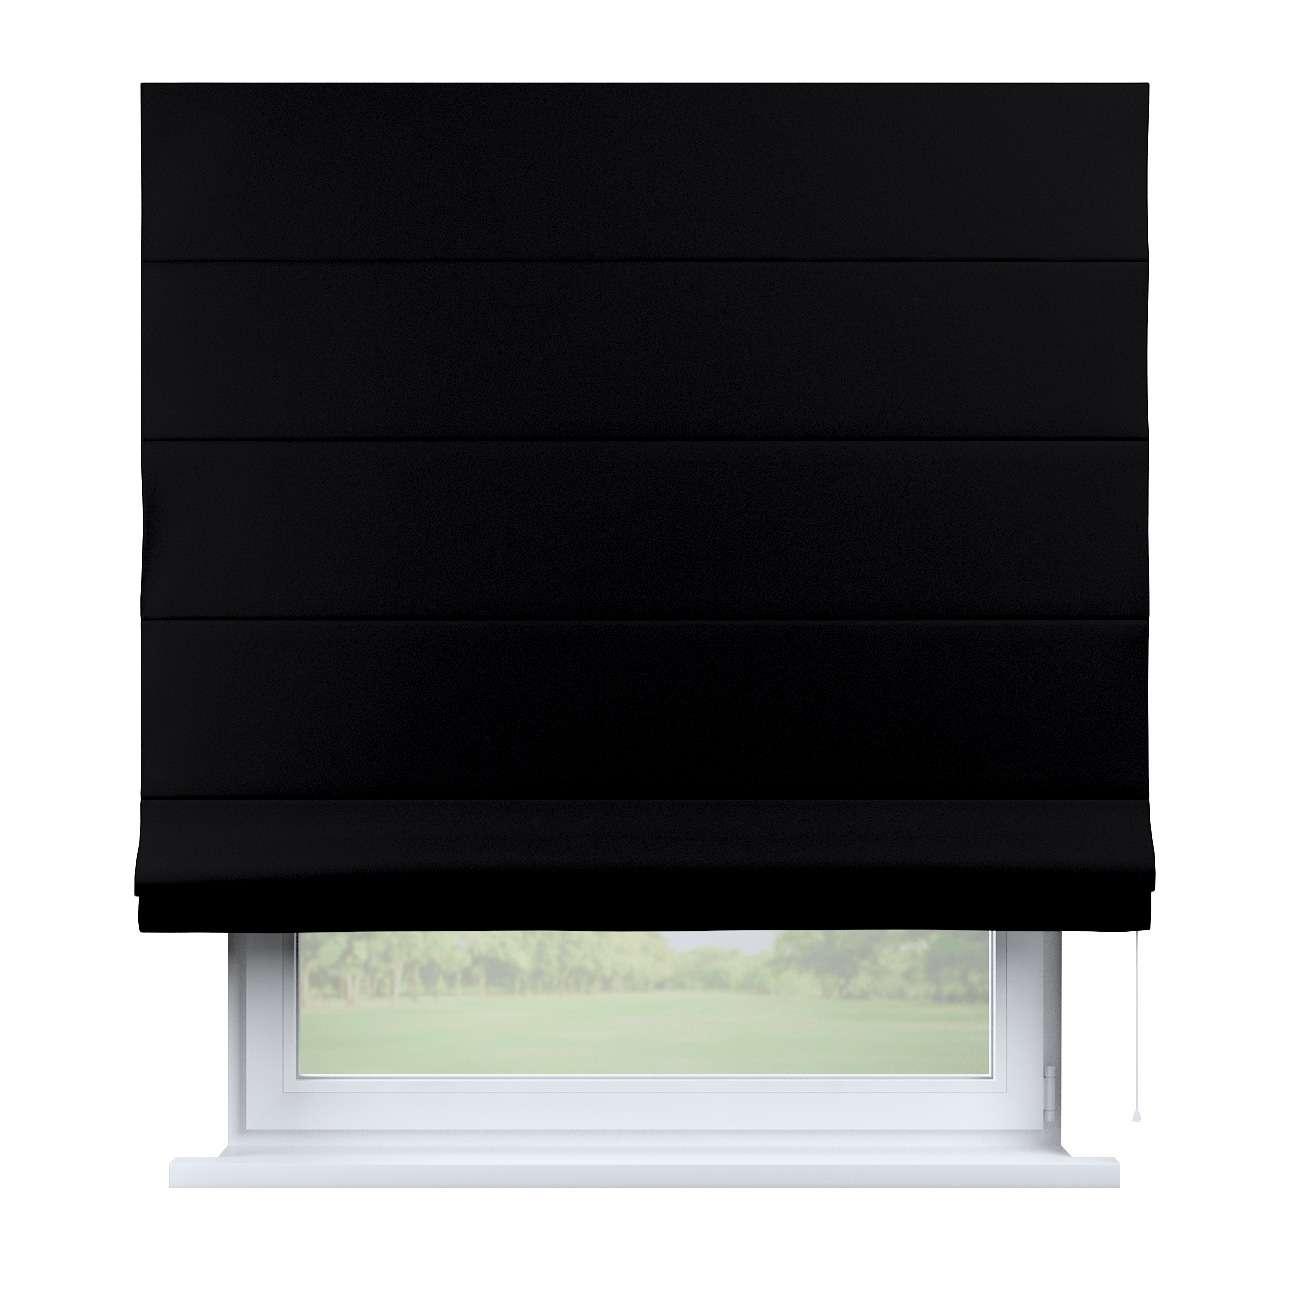 Foldegardin Capri<br/>Uden flæsekant fra kollektionen Blackout mørklægning, Stof: 269-99